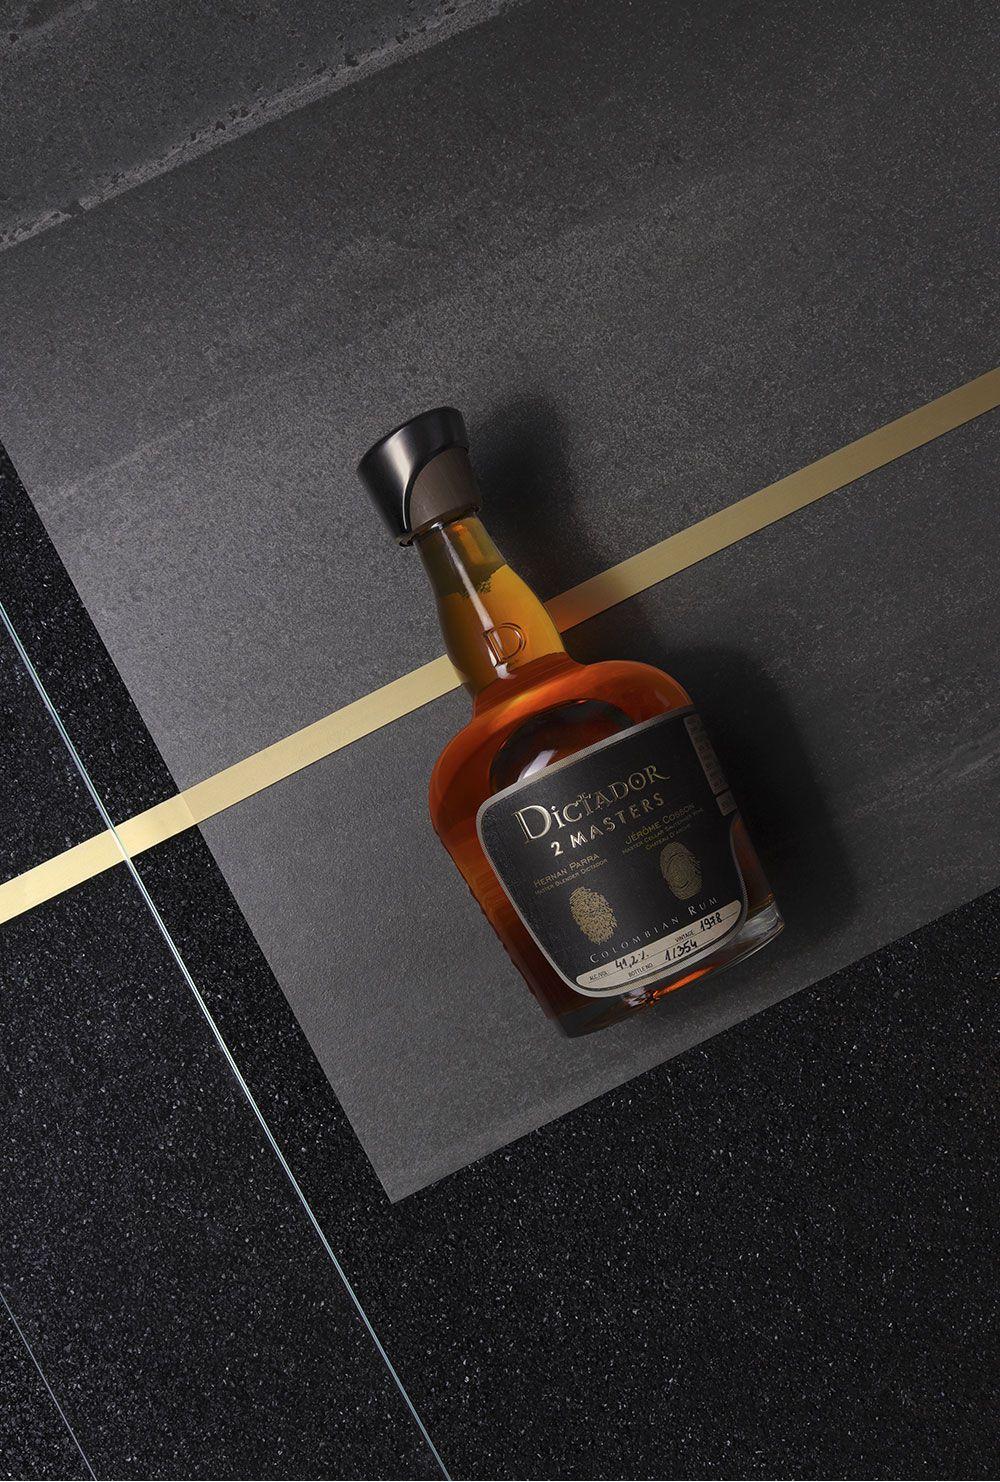 Rum Dictador 2 Masters Château d'Arche 1978